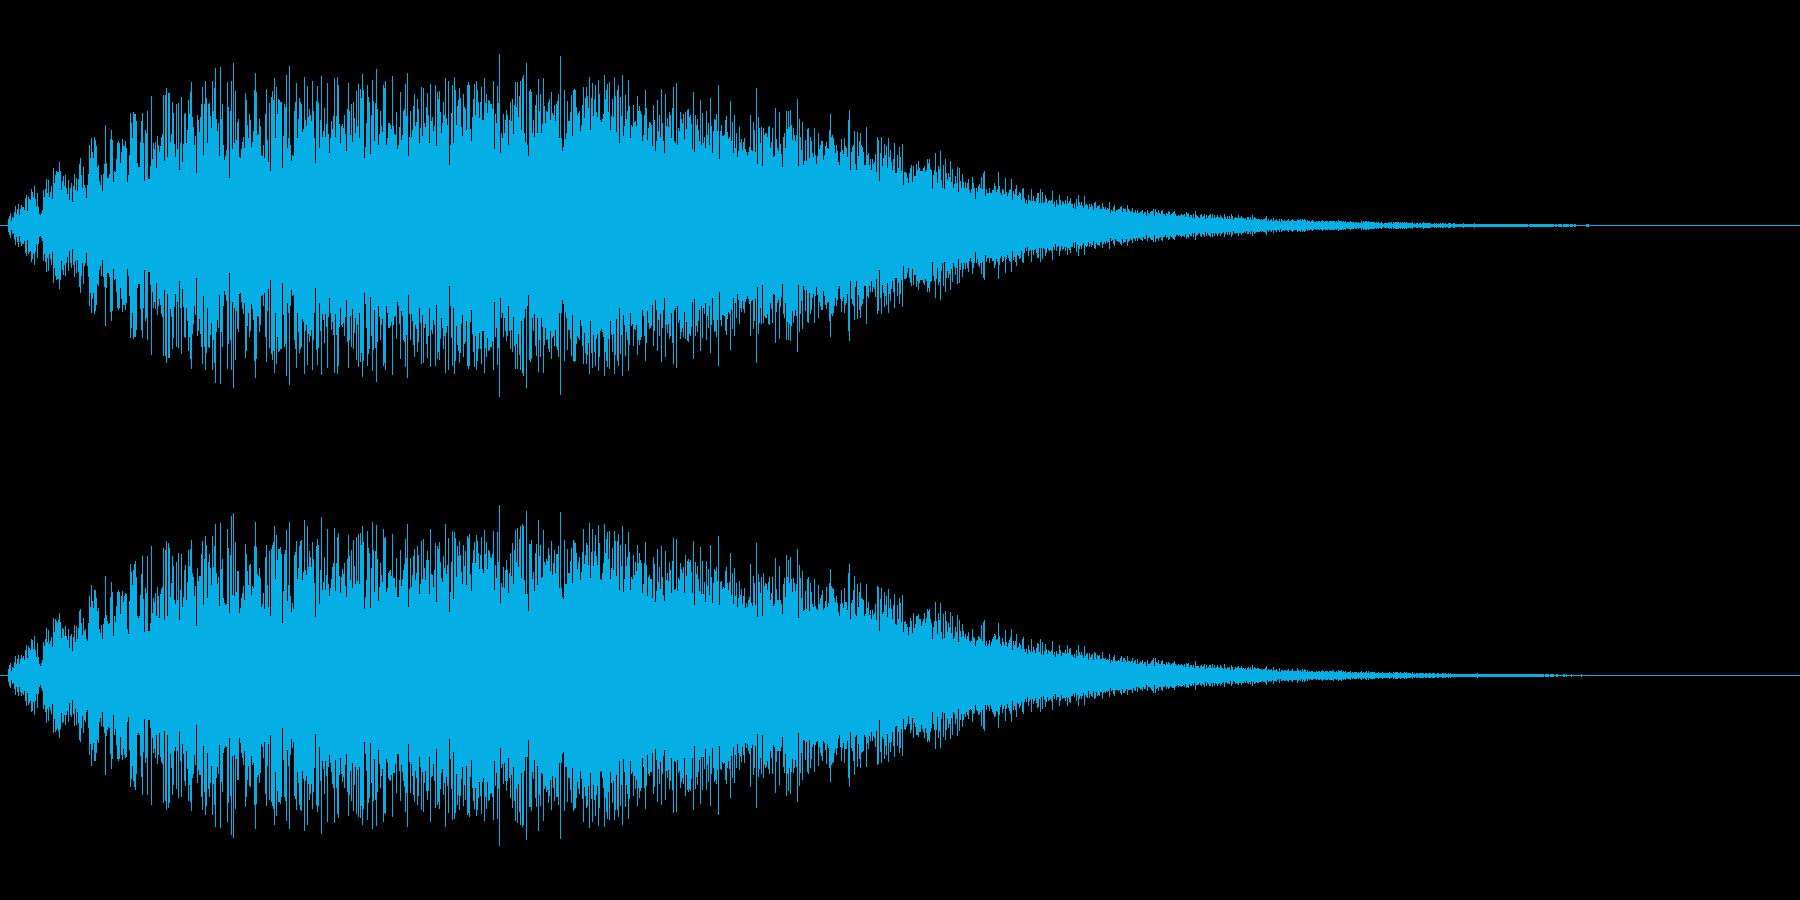 風が吹き去っていくような効果音の再生済みの波形